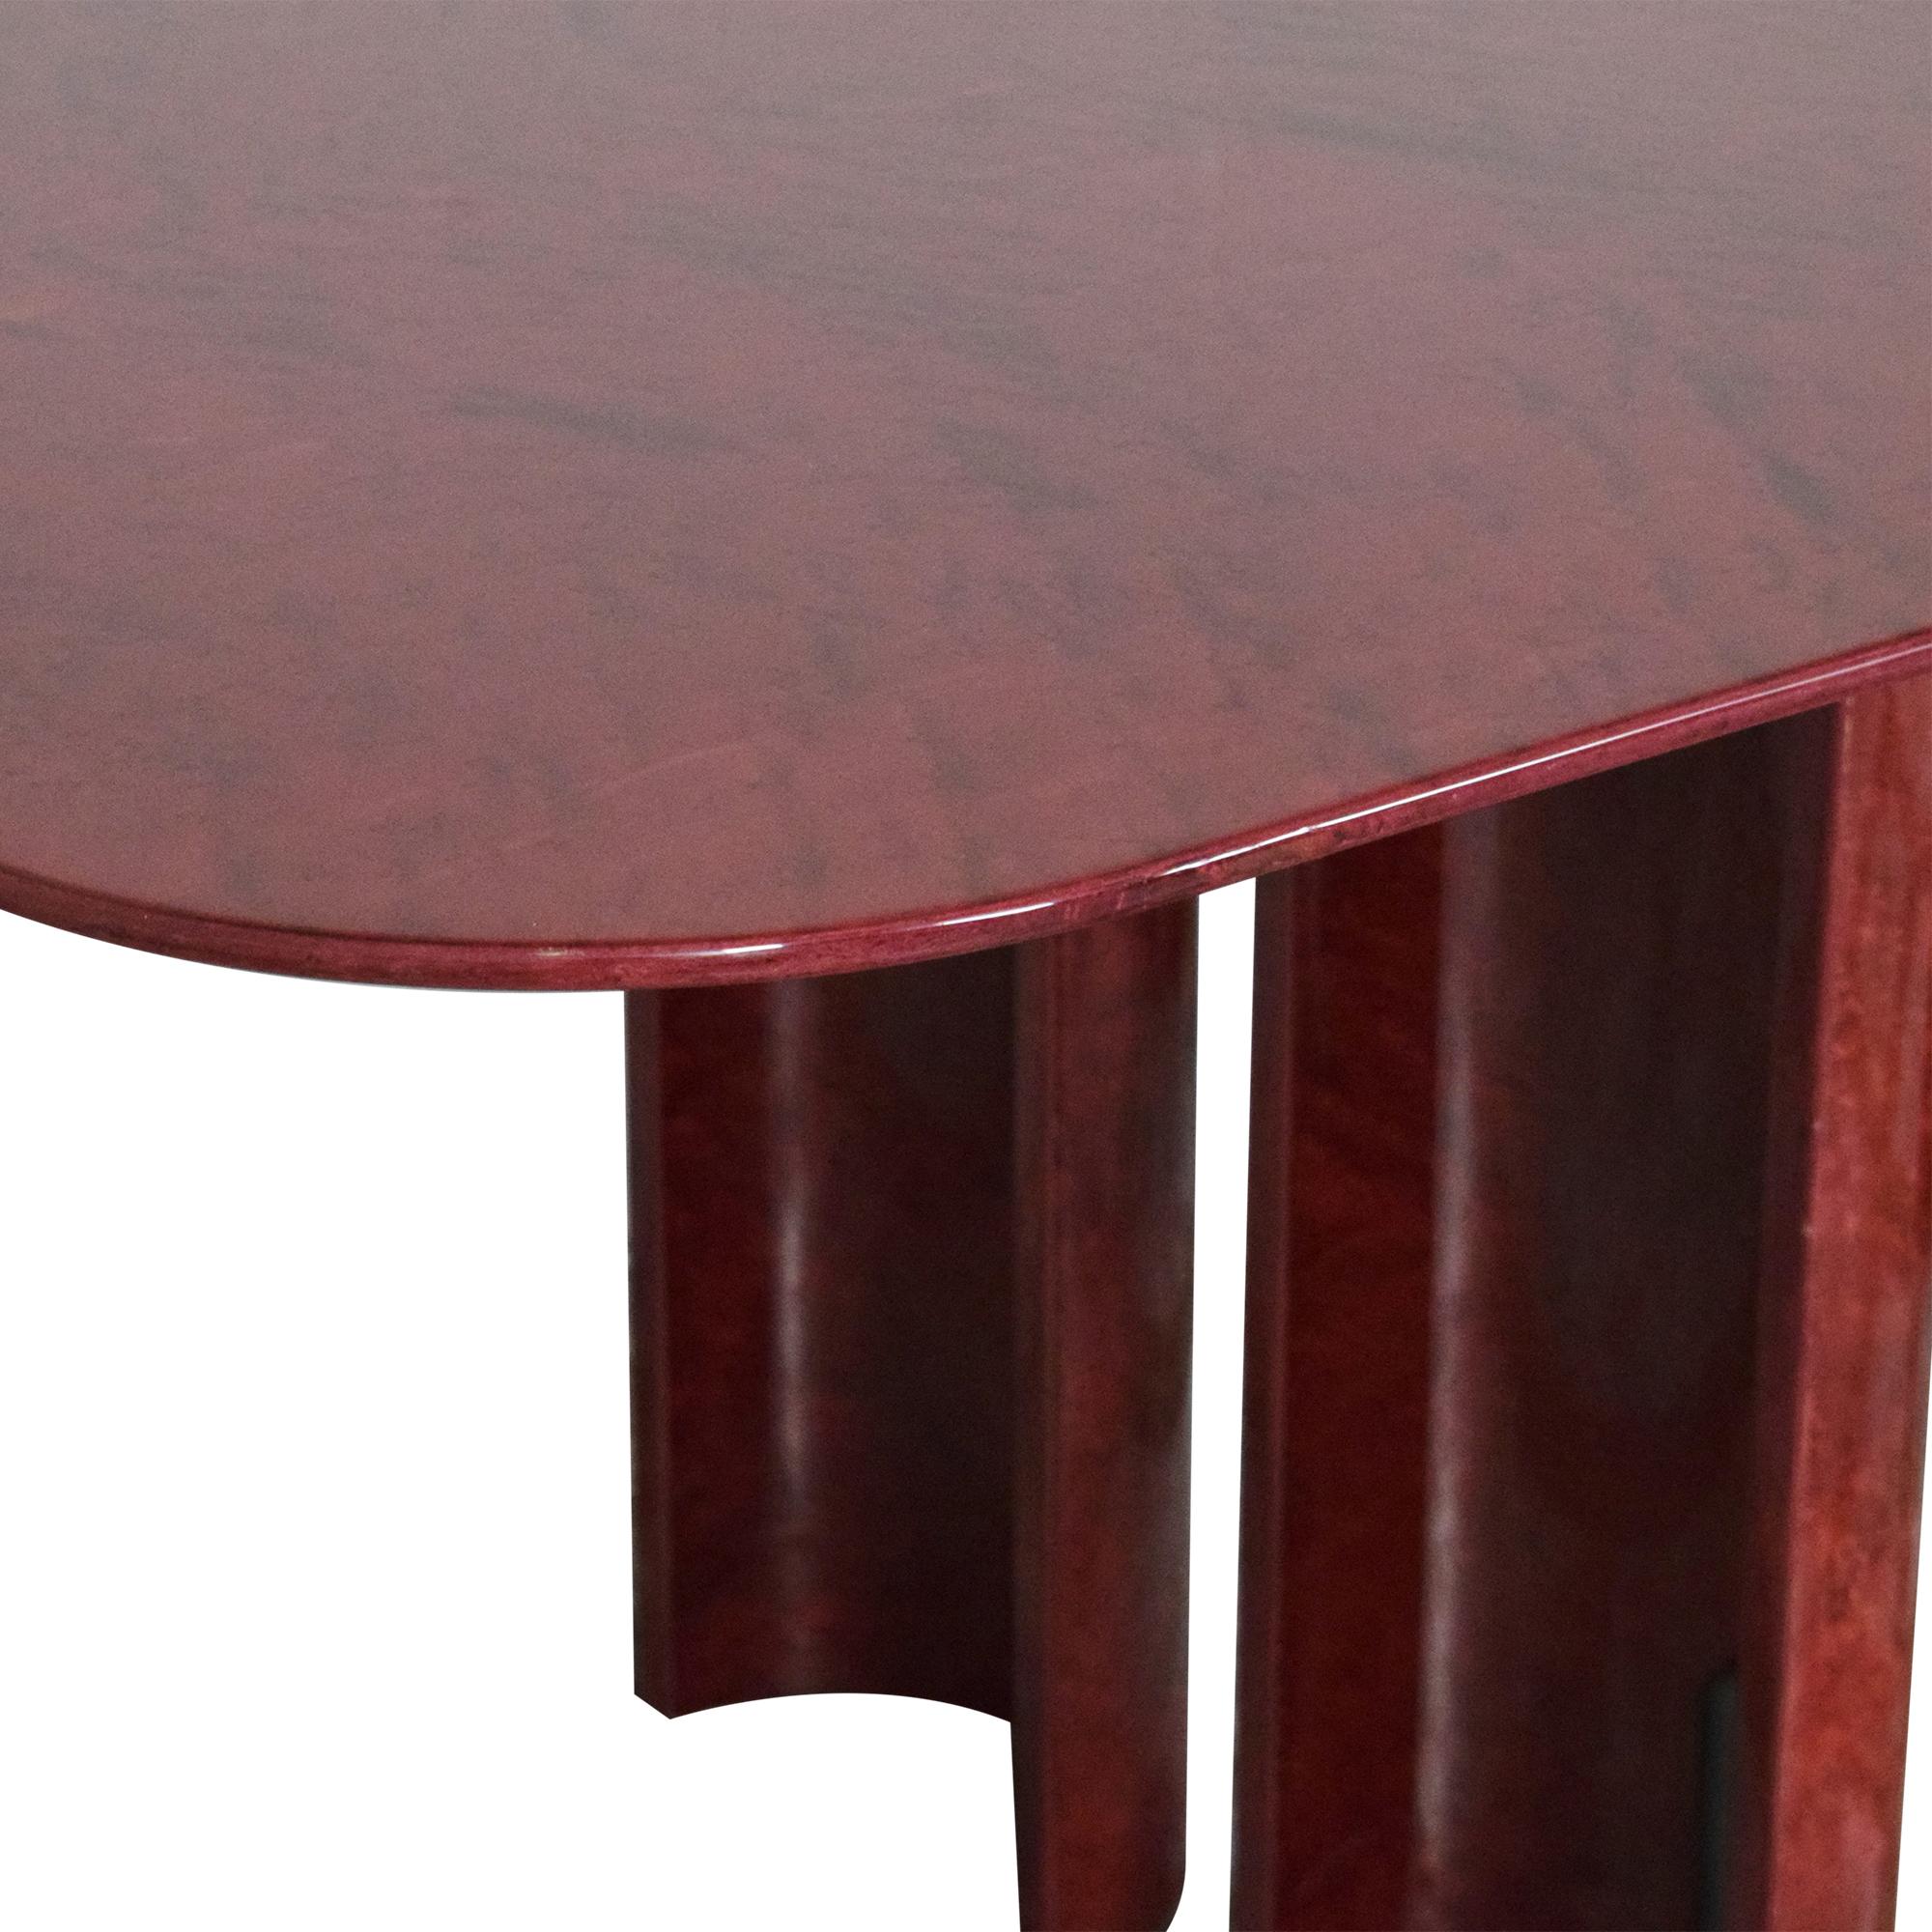 buy Saporiti Saporiti Dining Table online